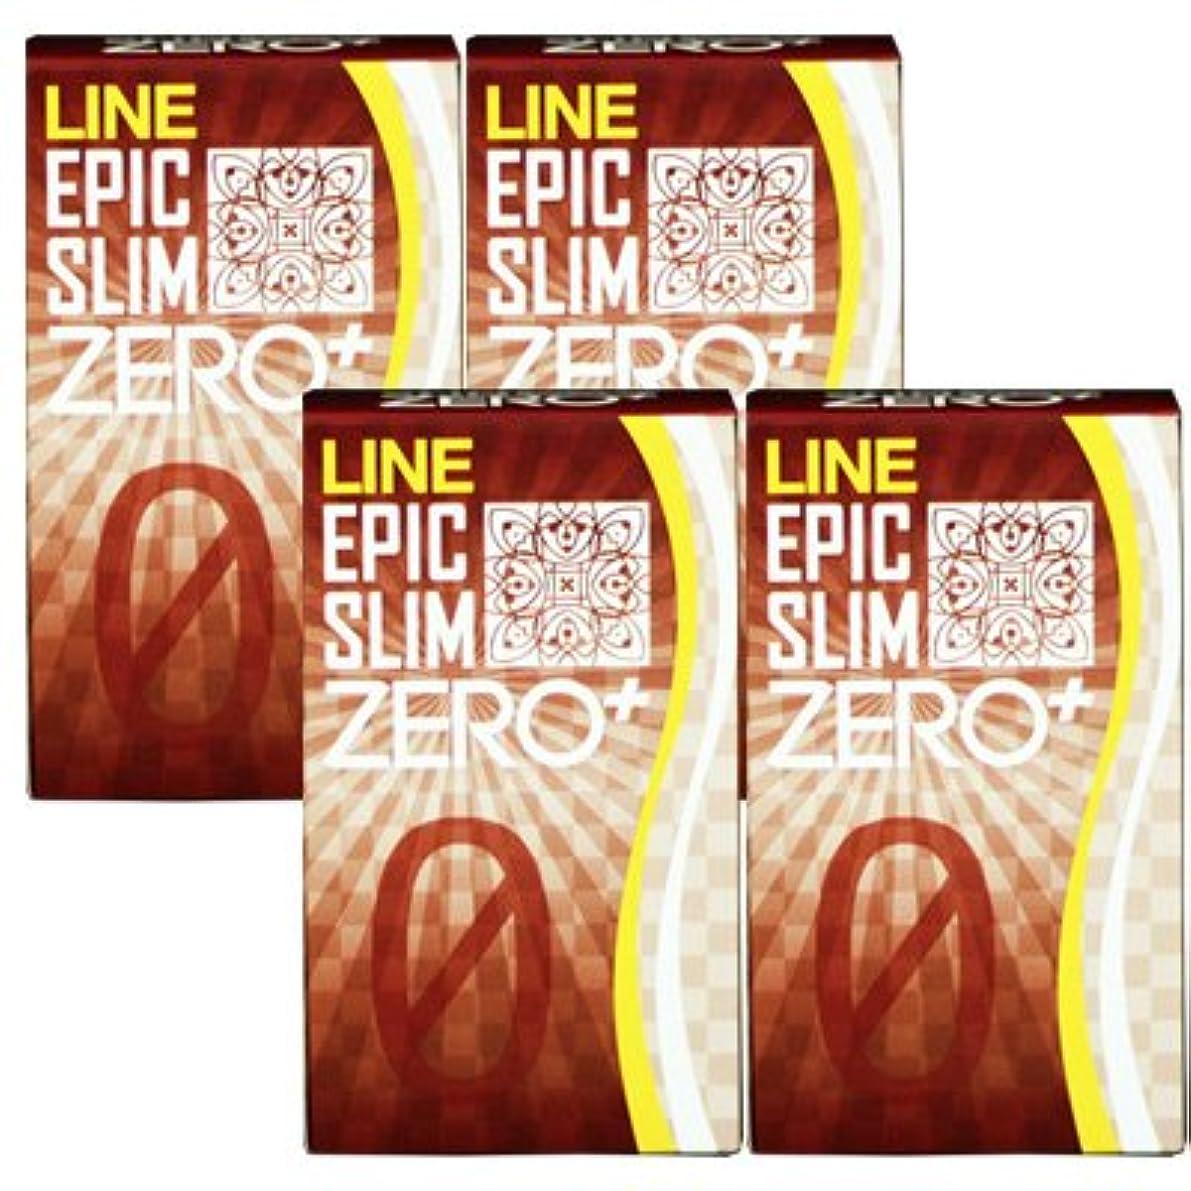 ライバル攻撃的強盗LINE エピックスリム ゼロ PLUS 4個セット Line Epic Slim ZERO PLUS ×4個